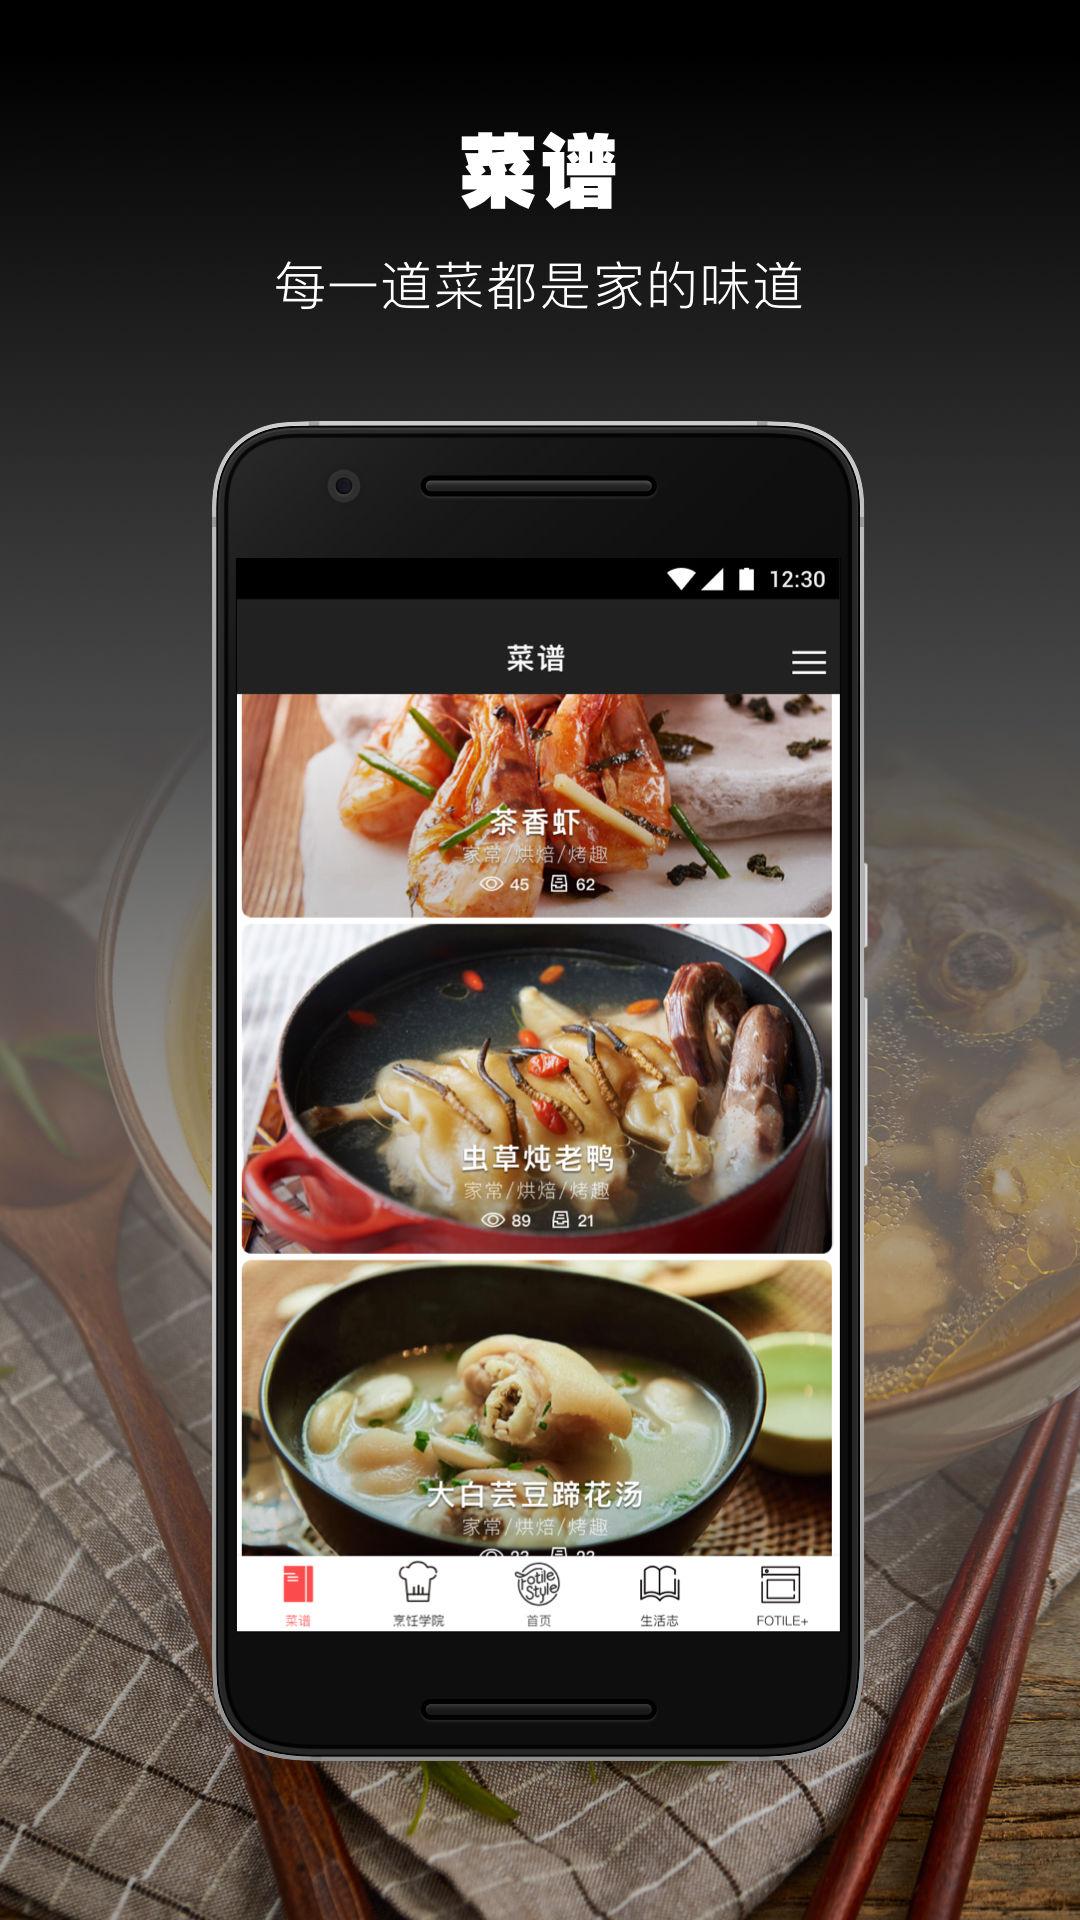 方太生活家-美食菜谱-应用截图